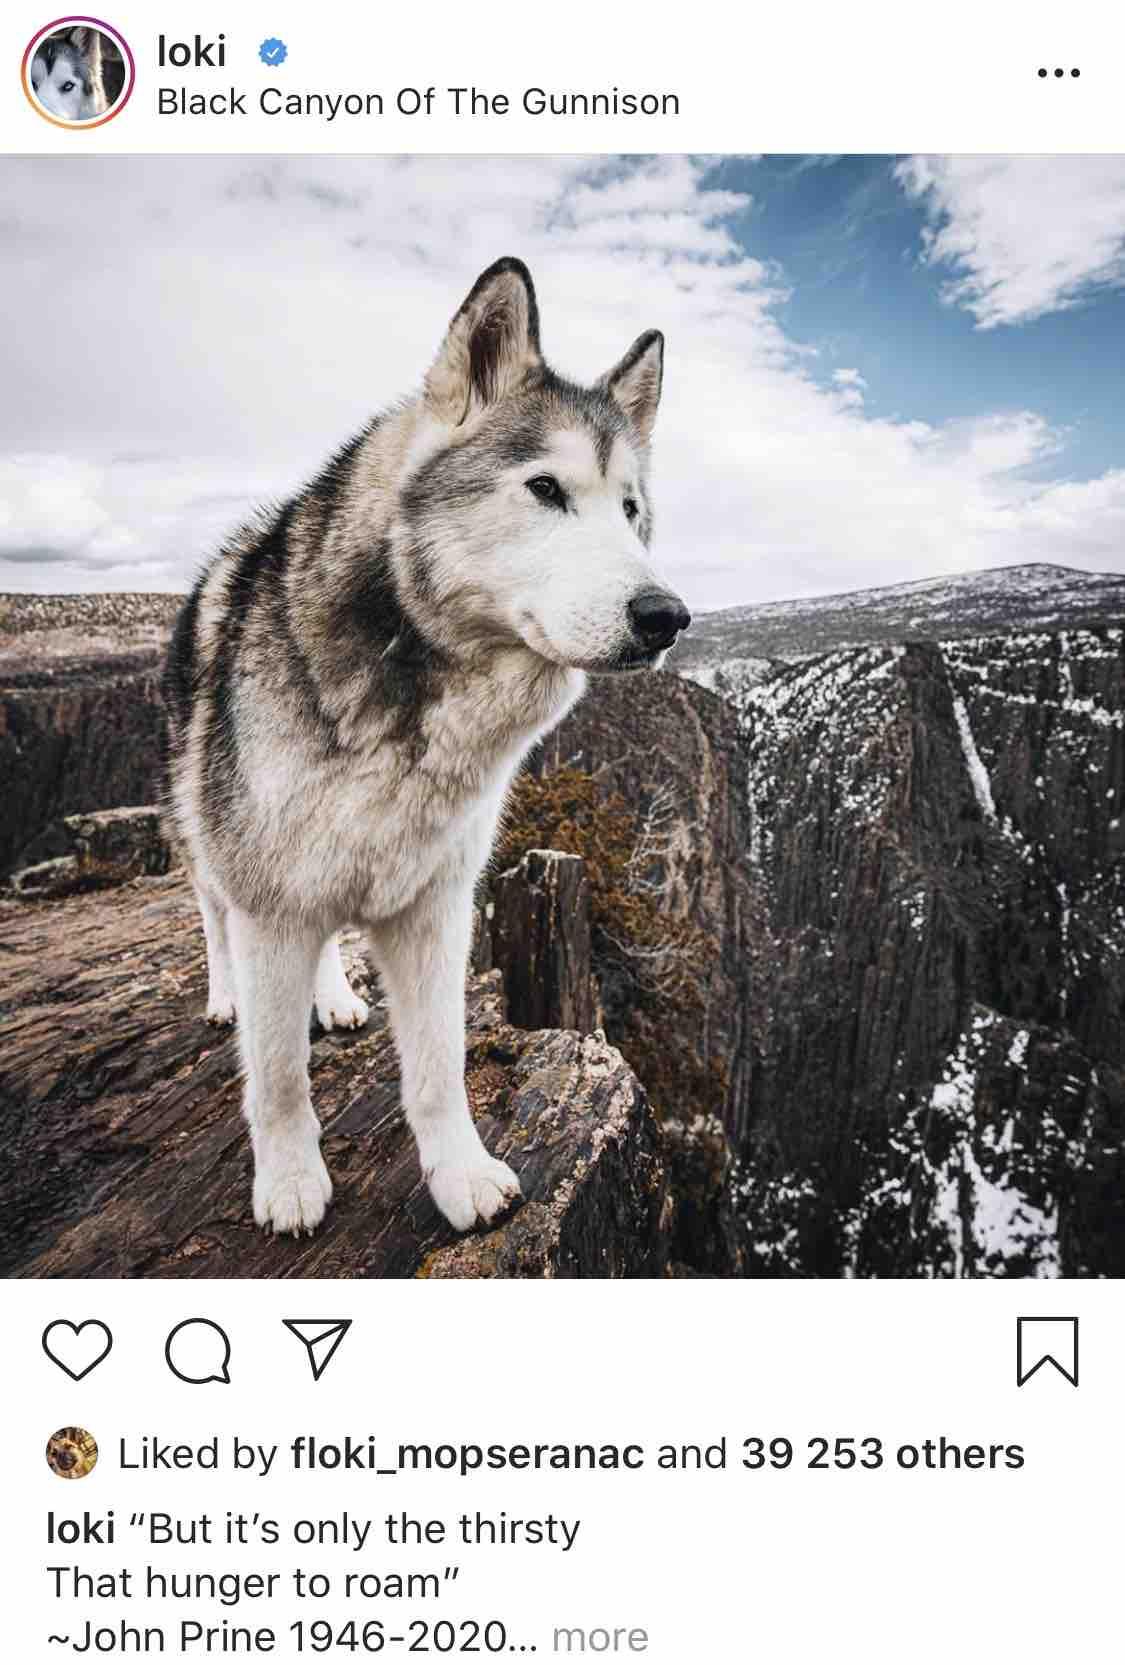 Loki the Wolfdog - Instagram